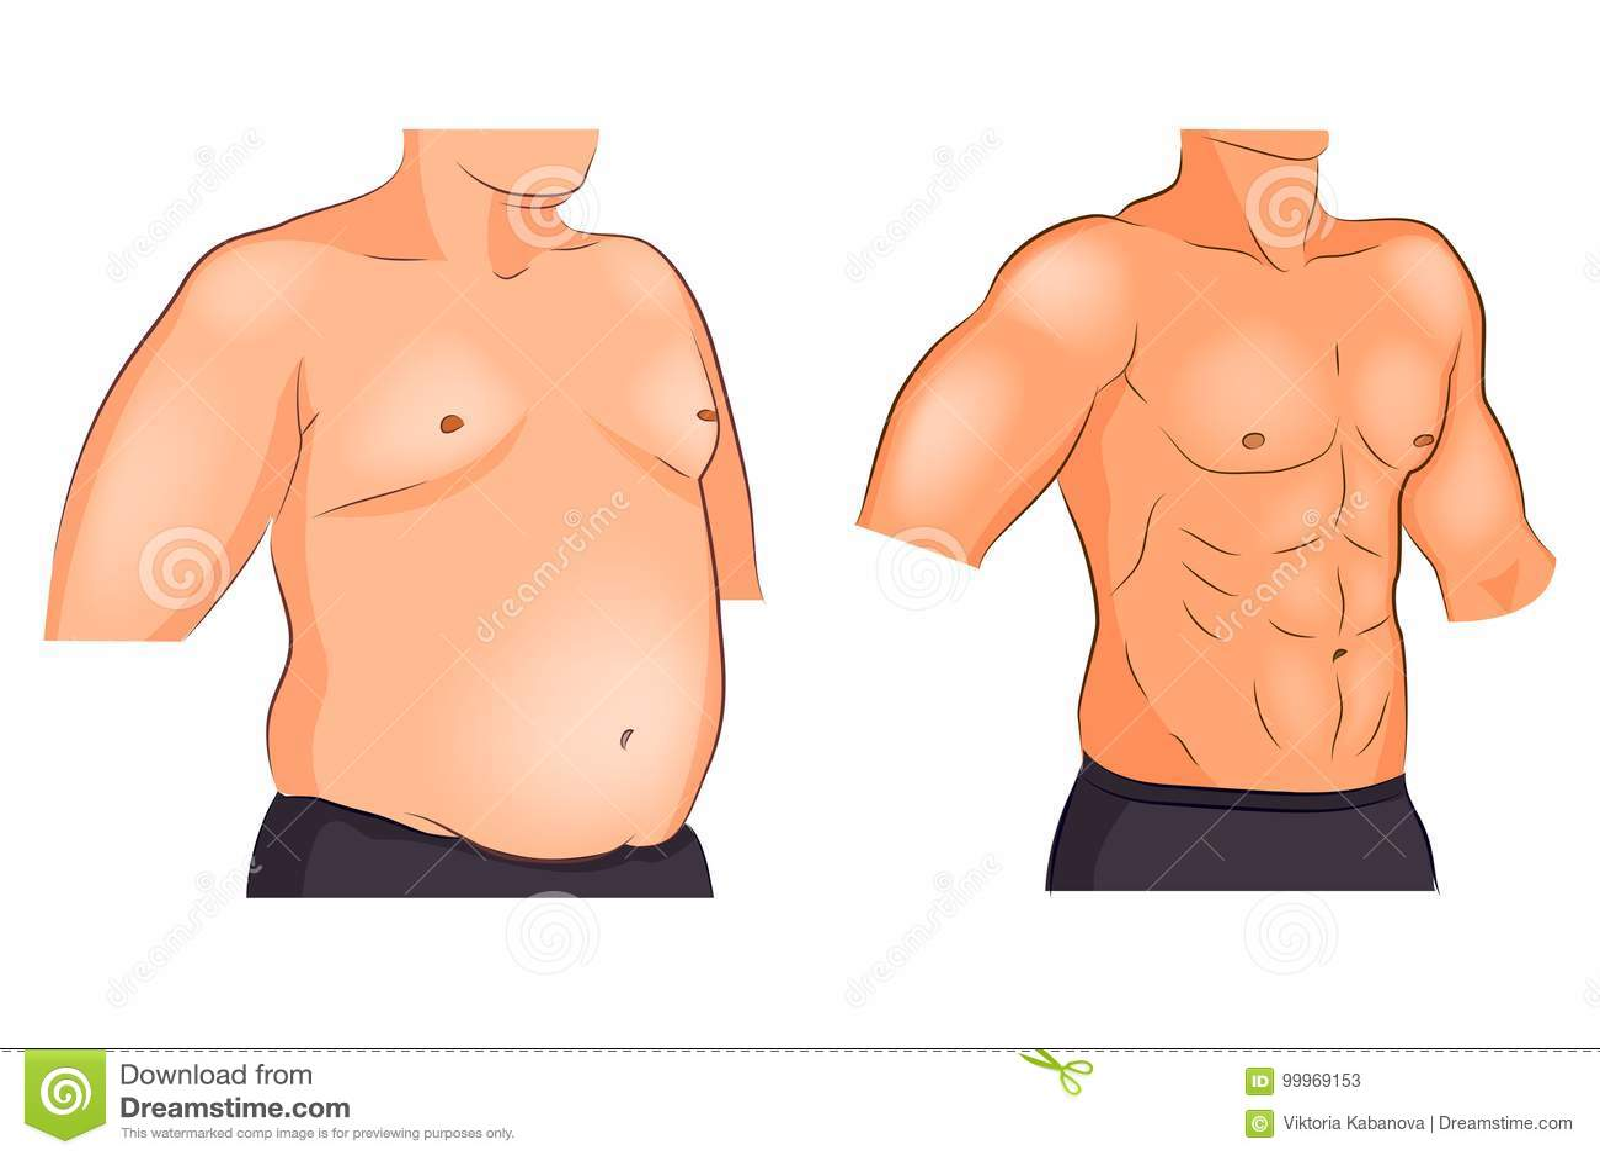 perdita di peso toracica